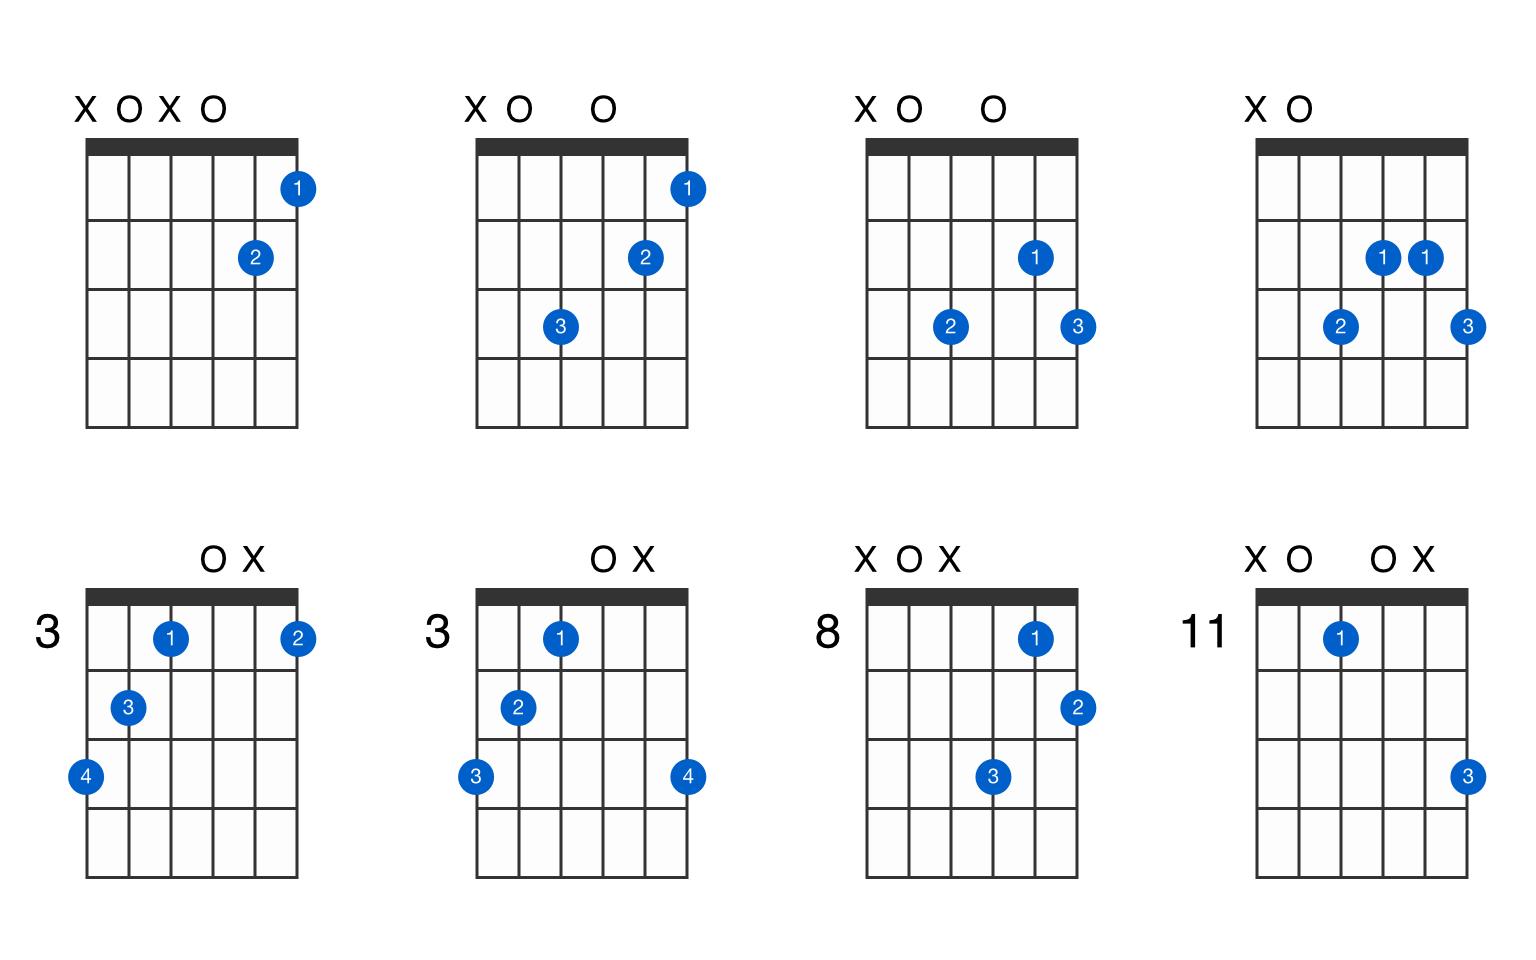 A augmented 7th guitar chord - GtrLib Chords